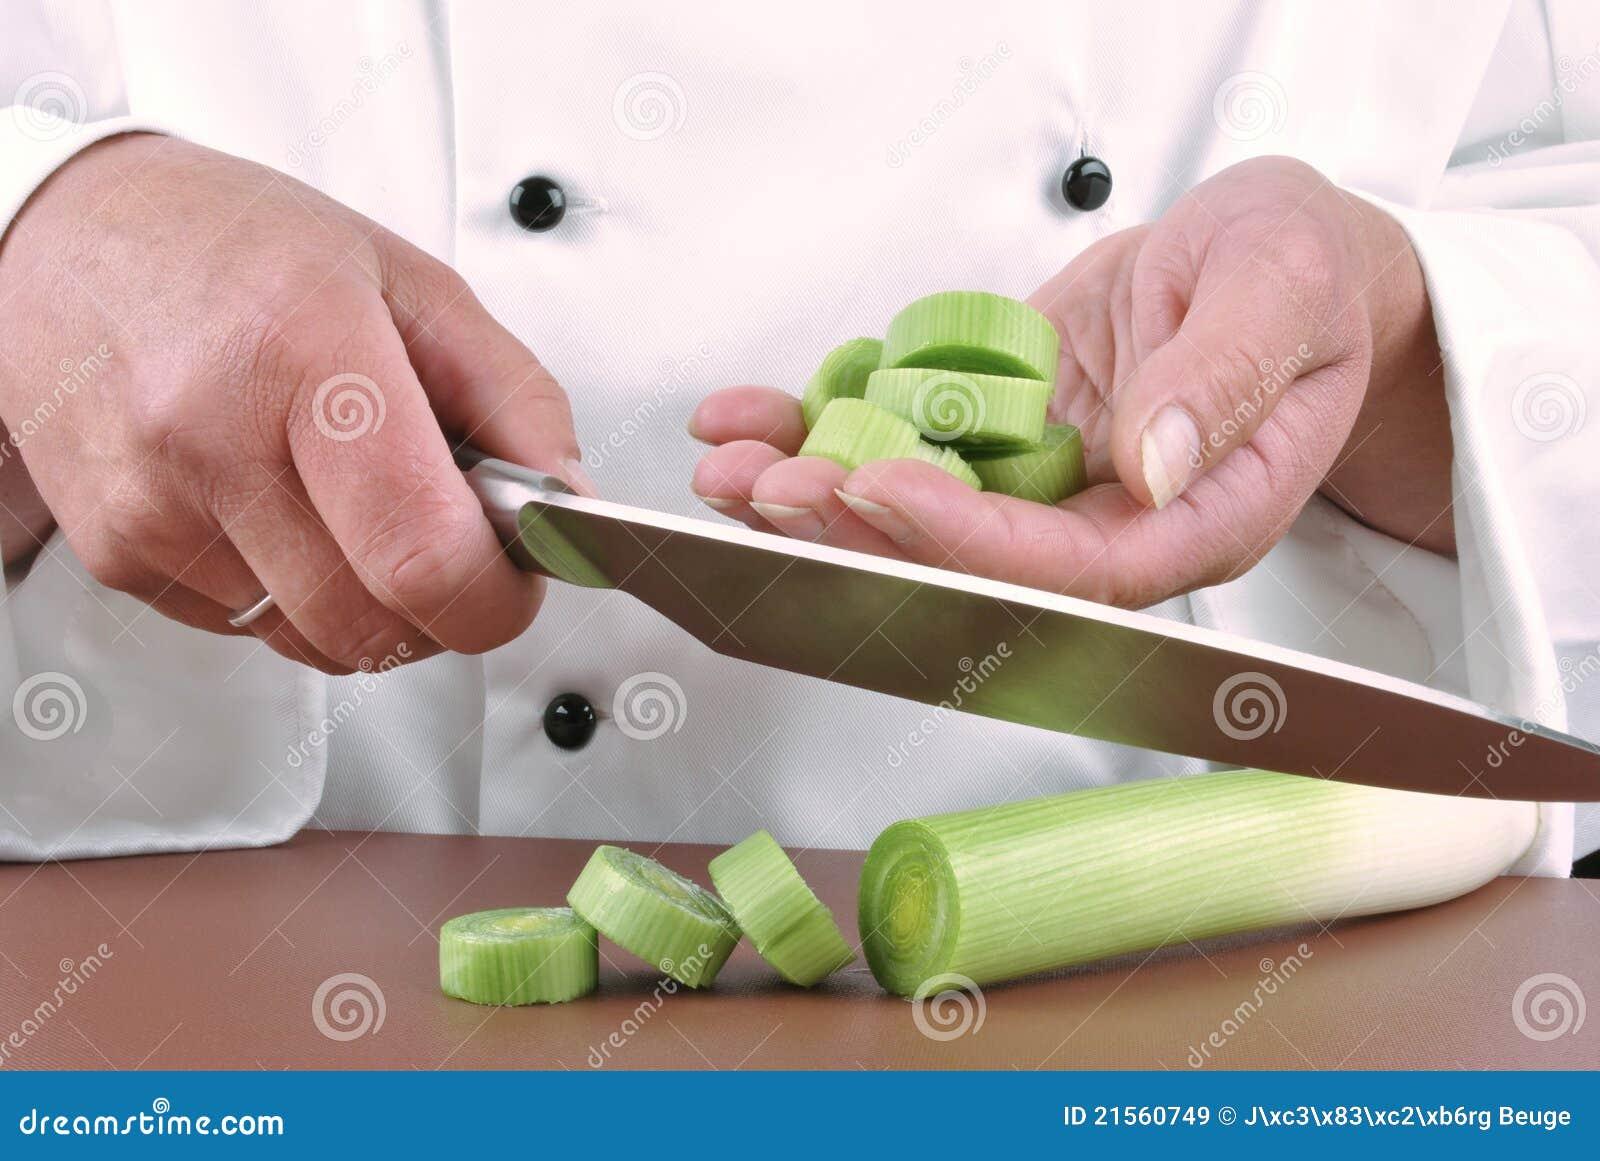 шеф-повар режет женский лук-порей